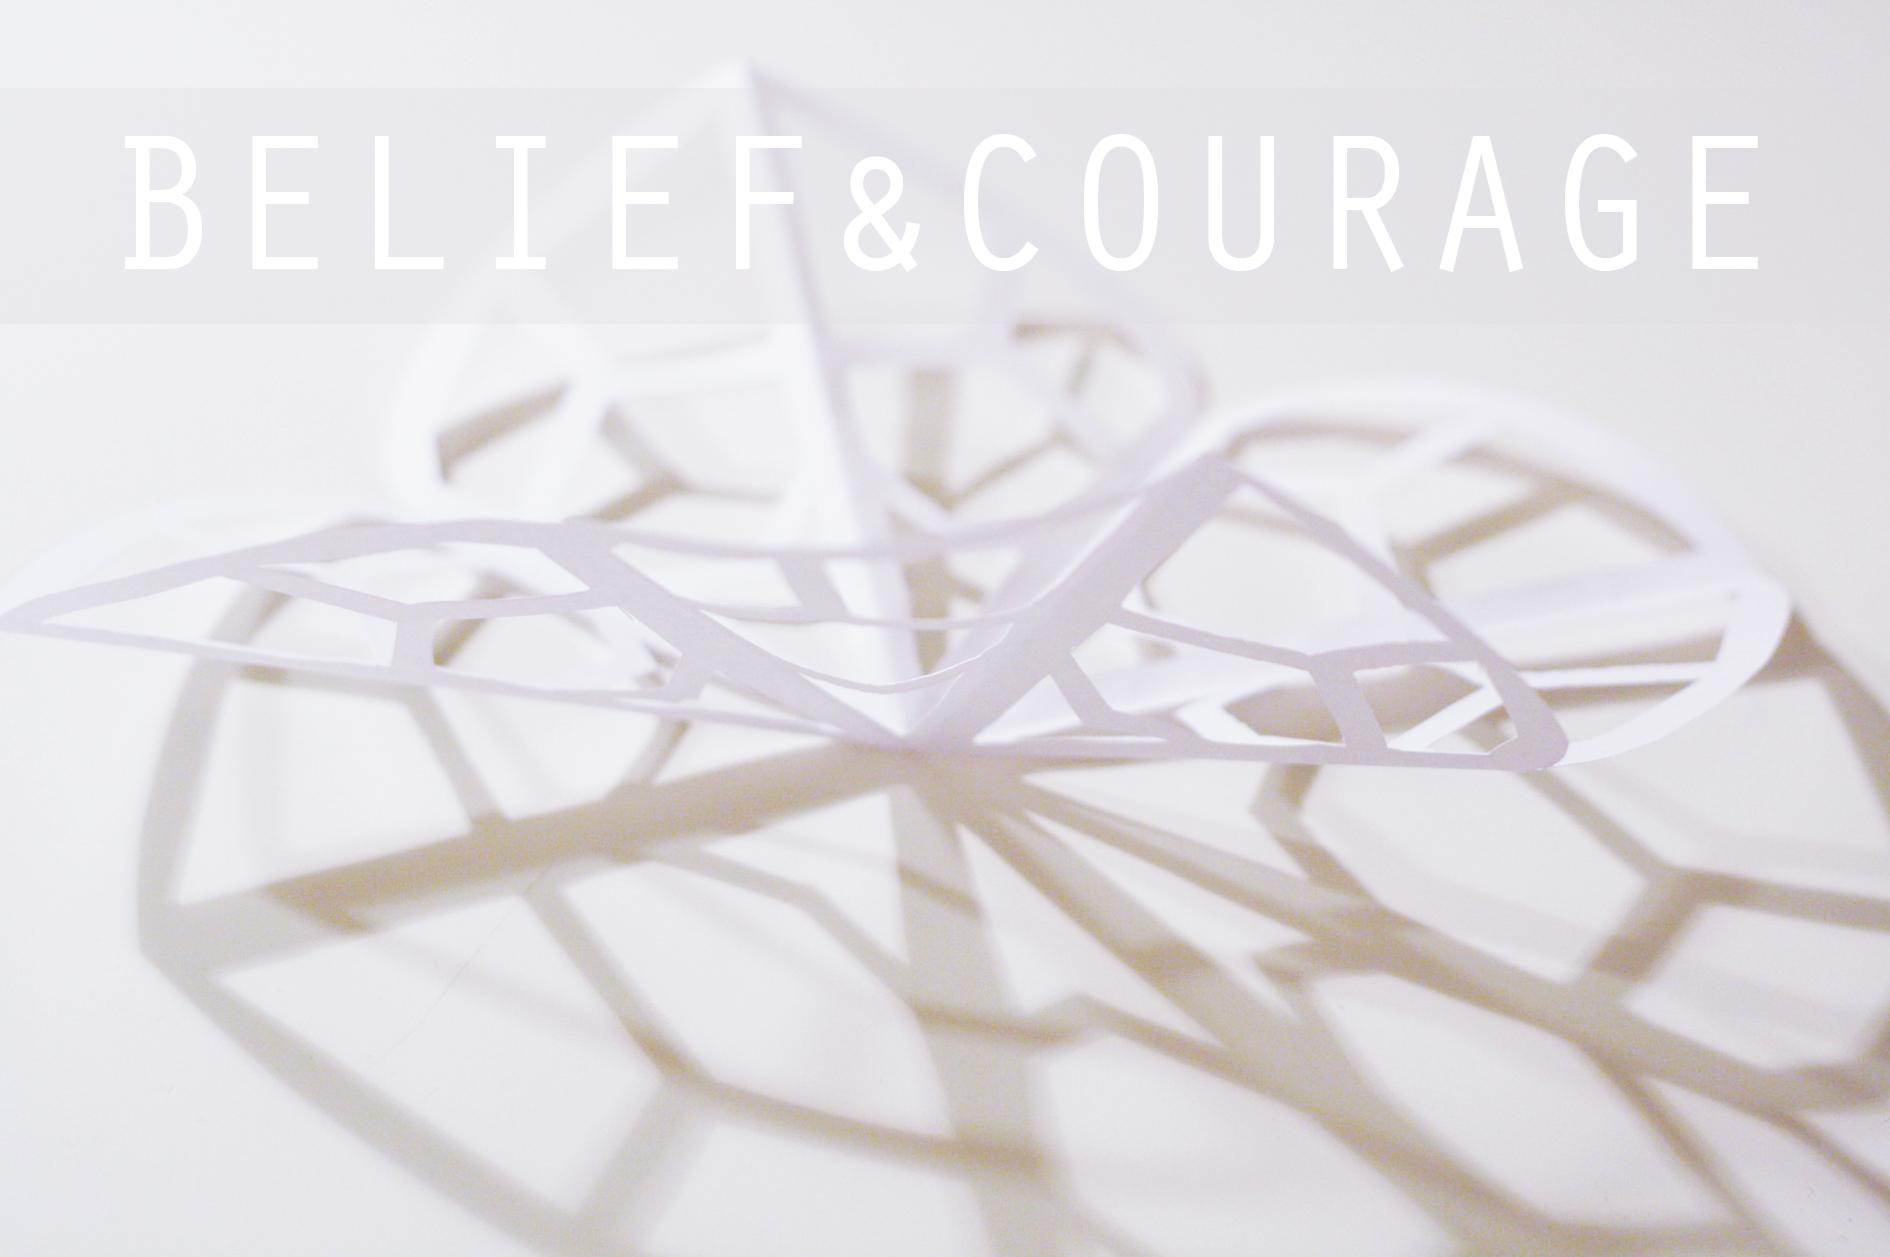 belief_courage.jpg